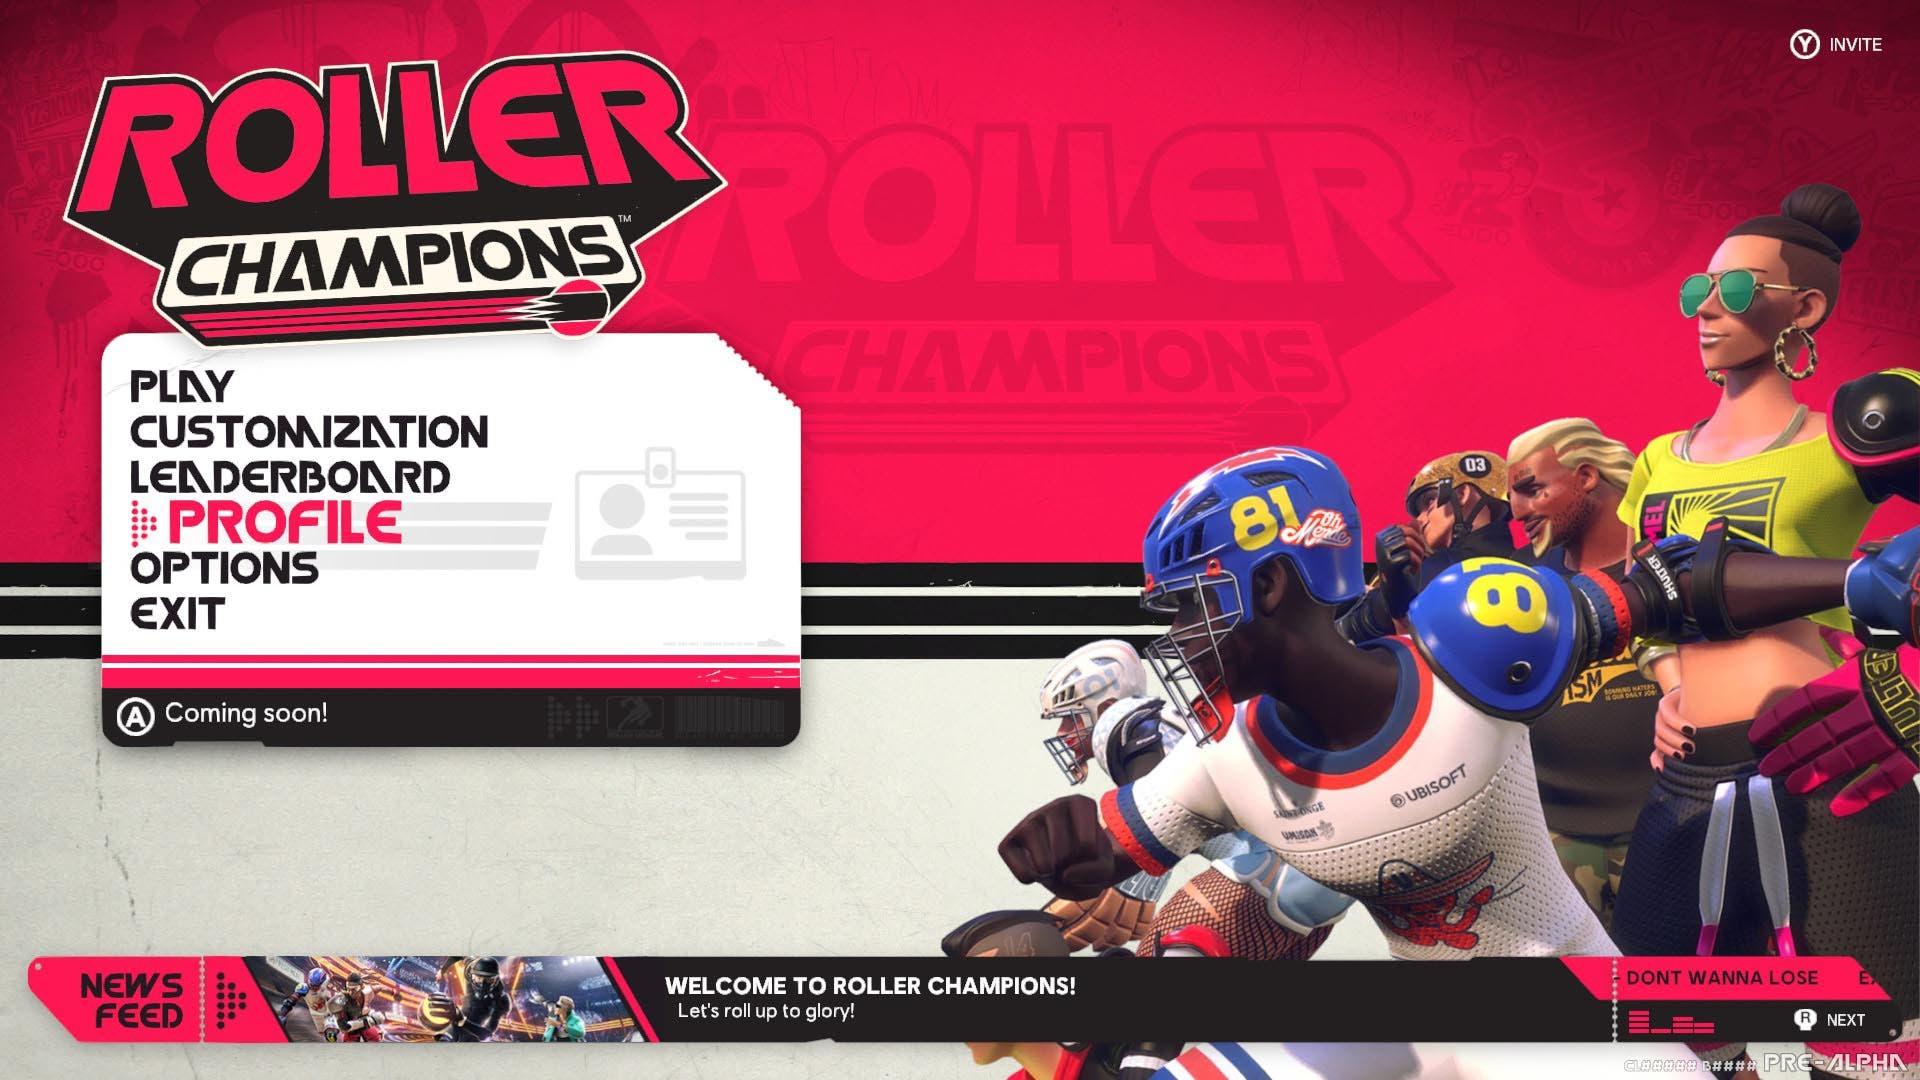 Nueva información describe la nueva IP de Ubisoft, Roller Champions 2